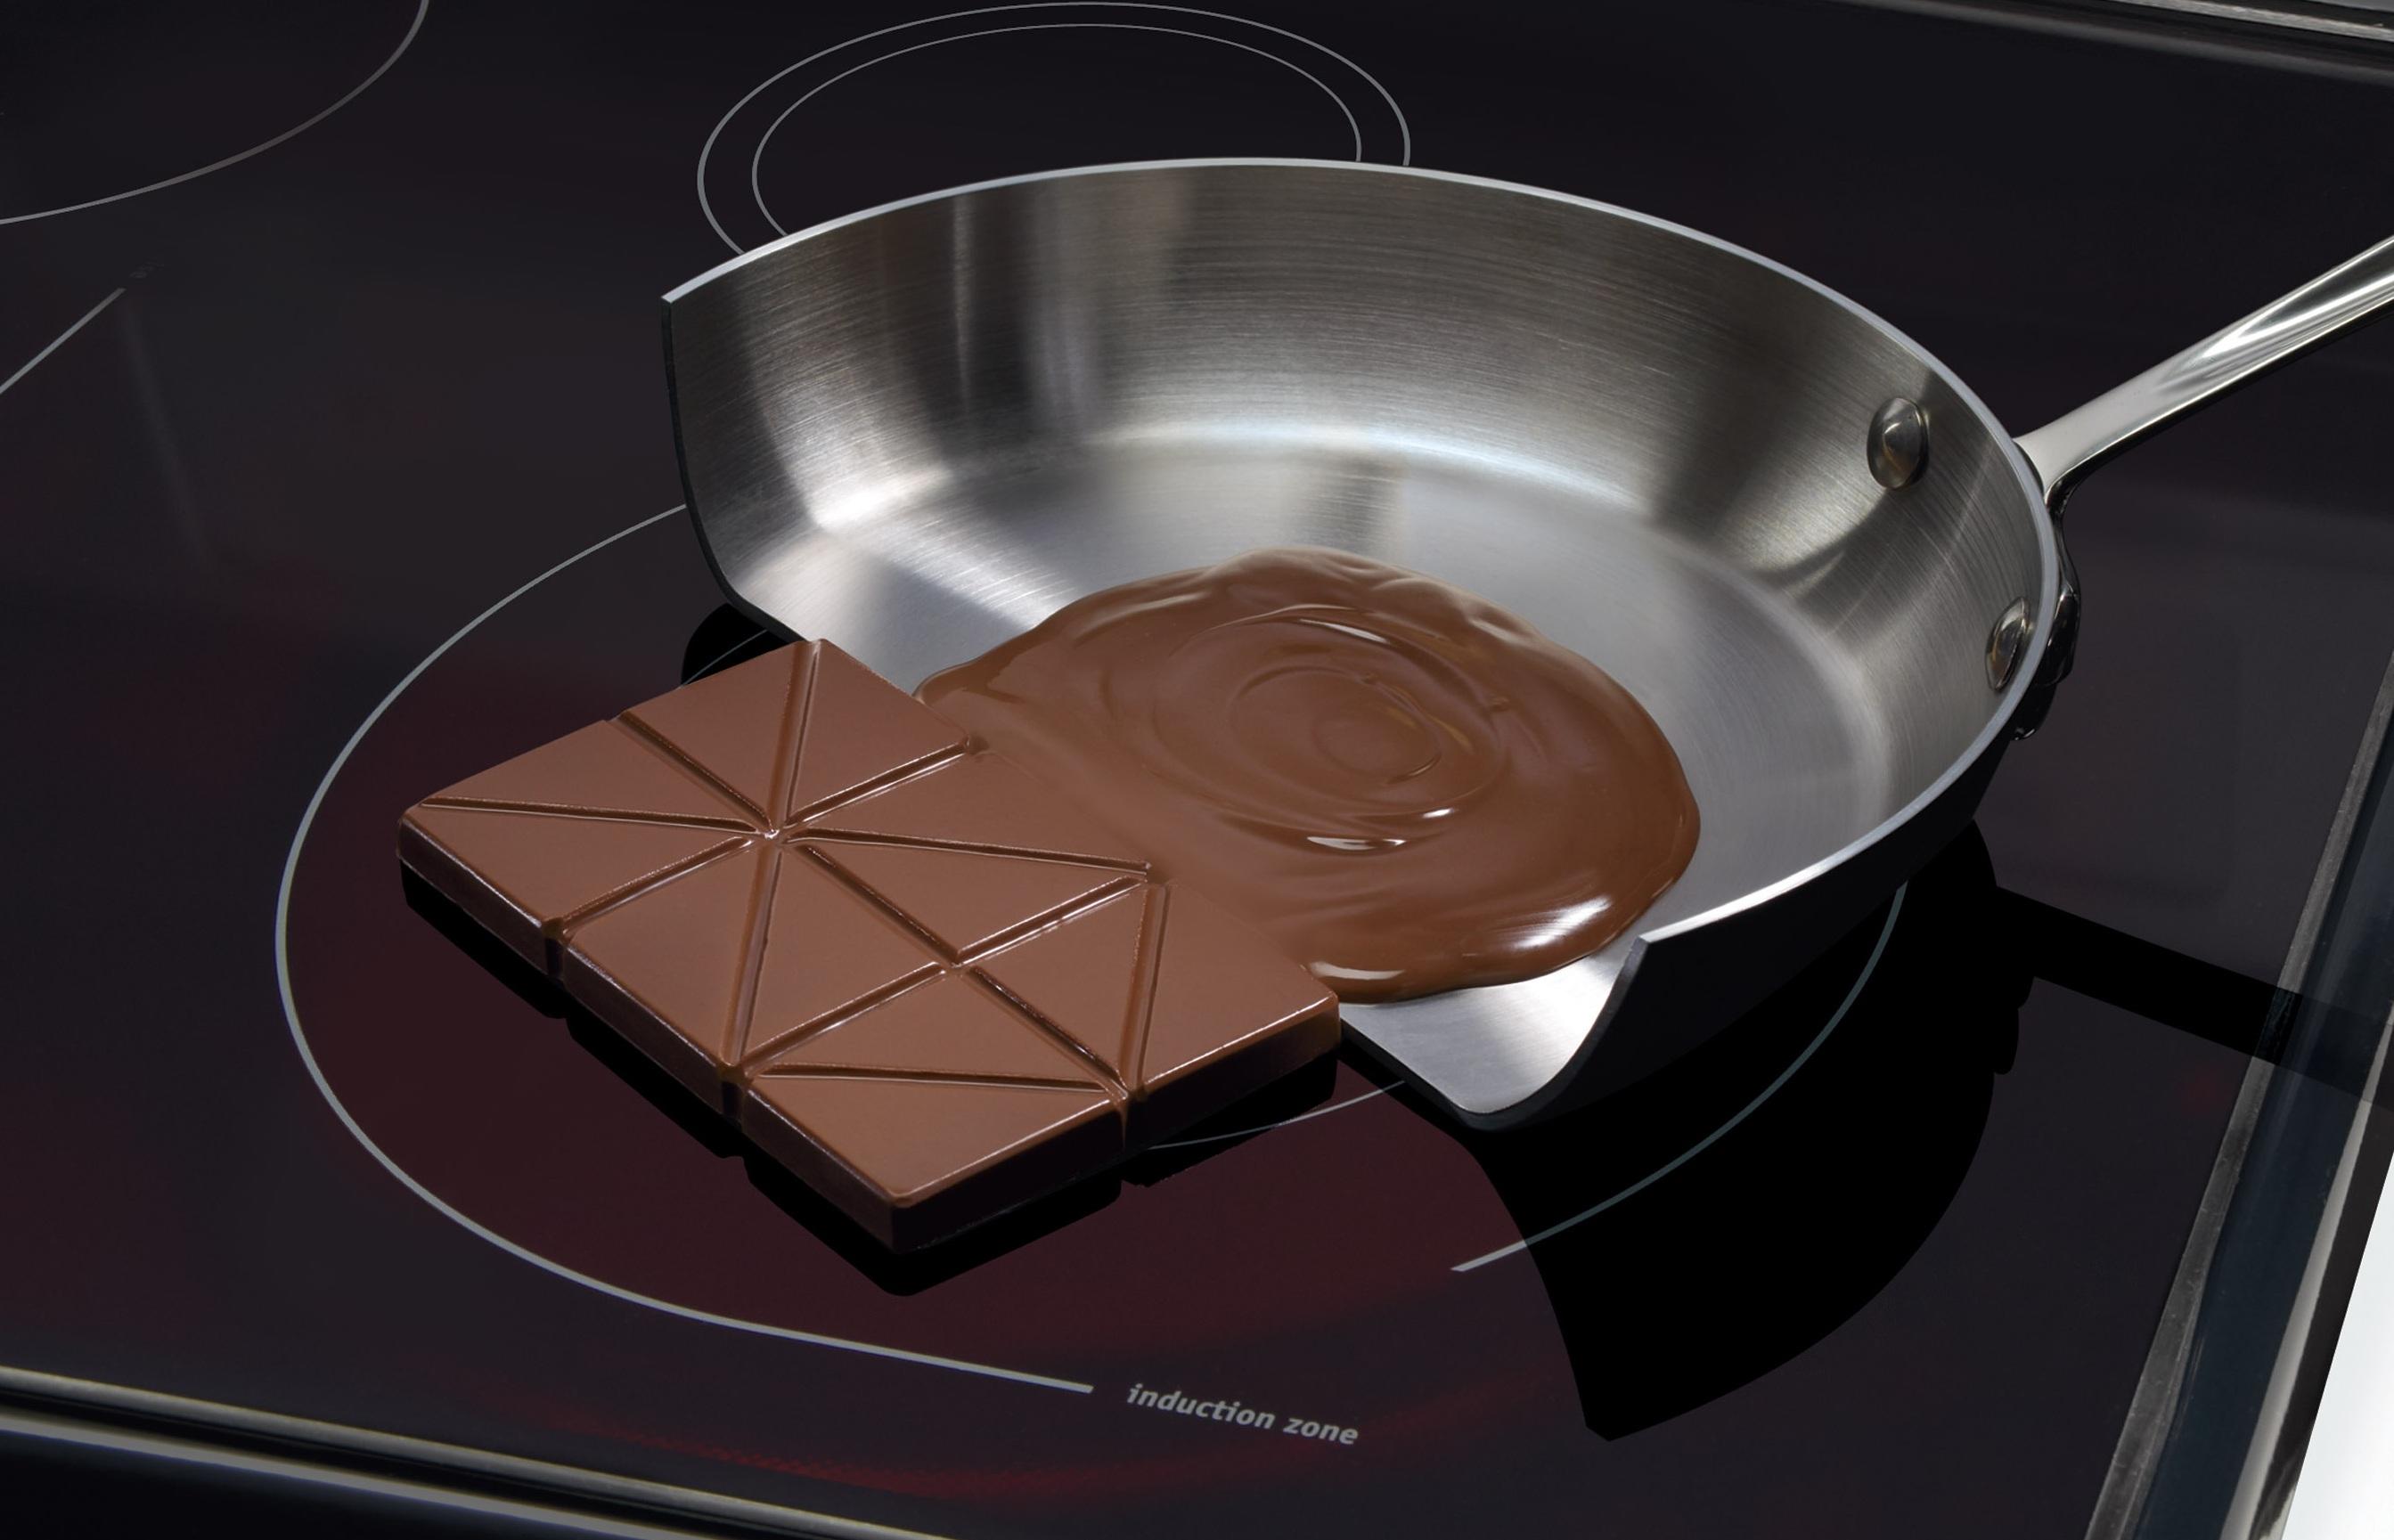 induction cooking recipes appliances online blog. Black Bedroom Furniture Sets. Home Design Ideas